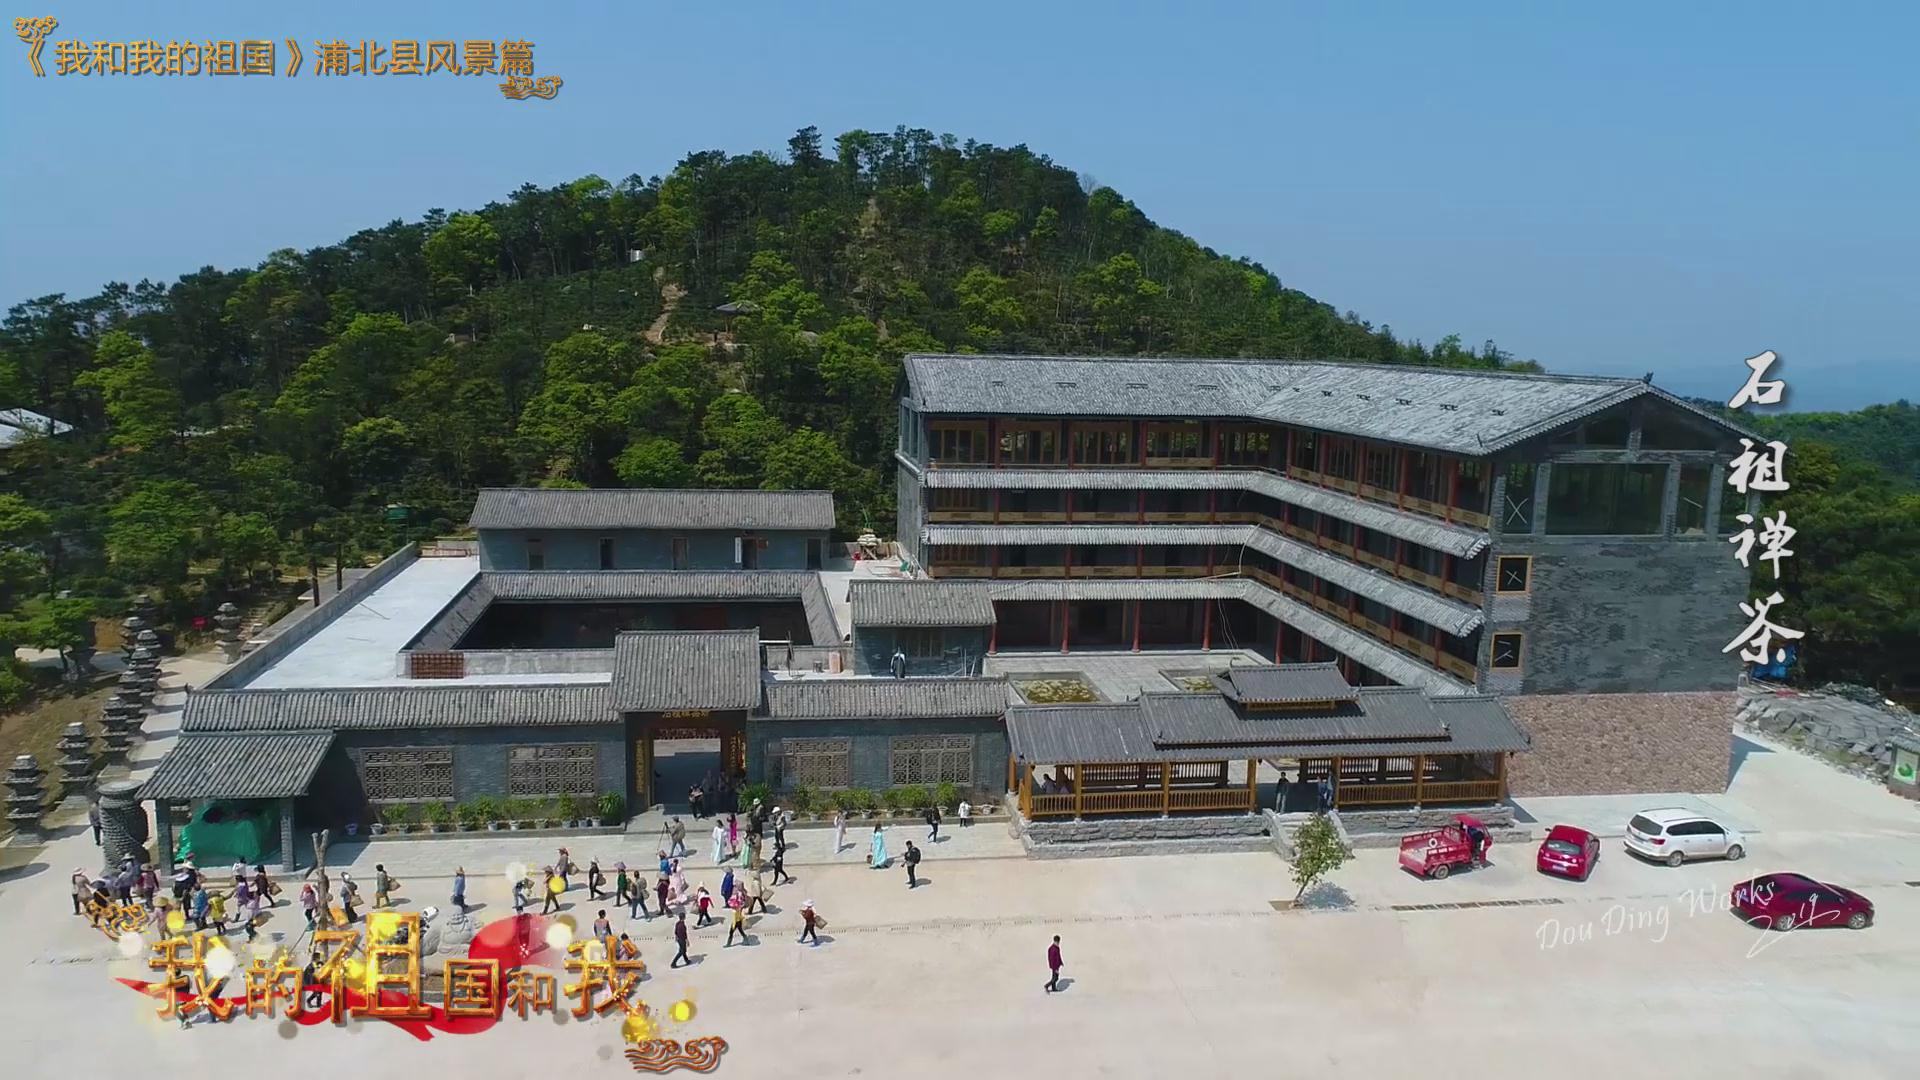 《我和我的祖国》浦北县风景篇12.jpg